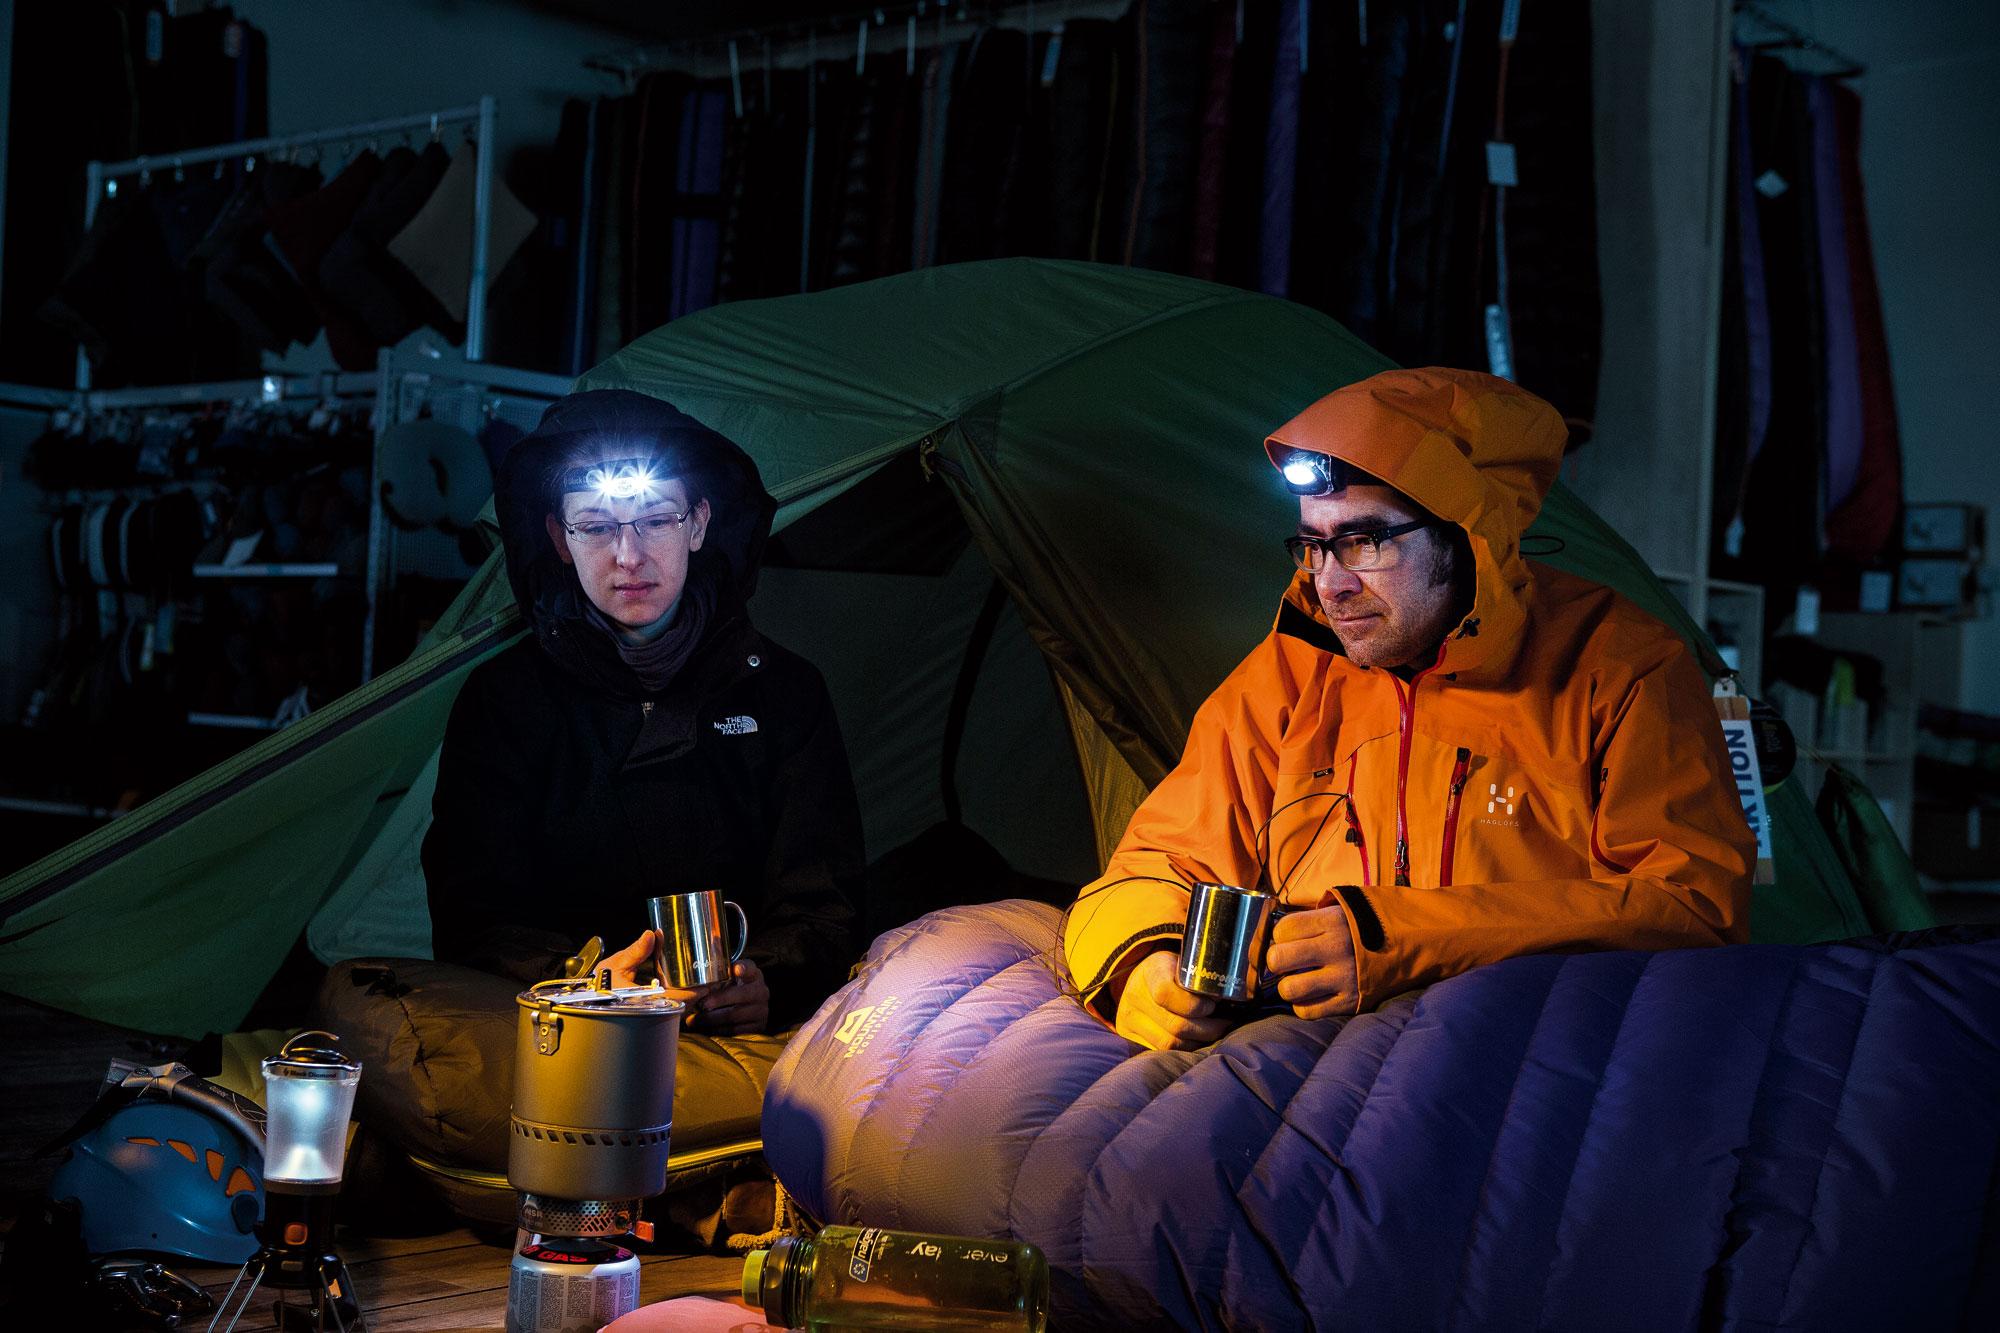 Nach einem anstrengenden Tag des Aufstiegs und Fotografierens im Hochland wird das Zelt aufgebaut und ein launiger Abend mit Helfern verbracht… Wie behauptet man sich auf dem Gebiet der Reisefotografie bei einem überbordenden Angebot? Nur wer besonders gutes Material mitbringt, hat eine Chance auf Verkauf und Refinanzierung seiner Reise. Es geht auch sparsamer: Im Globetrotter-Erlebniscenter die vorhandene Dekoration nutzen! Für den Fotografen besteht die größte Herausforderung darin, das Personal zum Mitmachen zu motivieren.